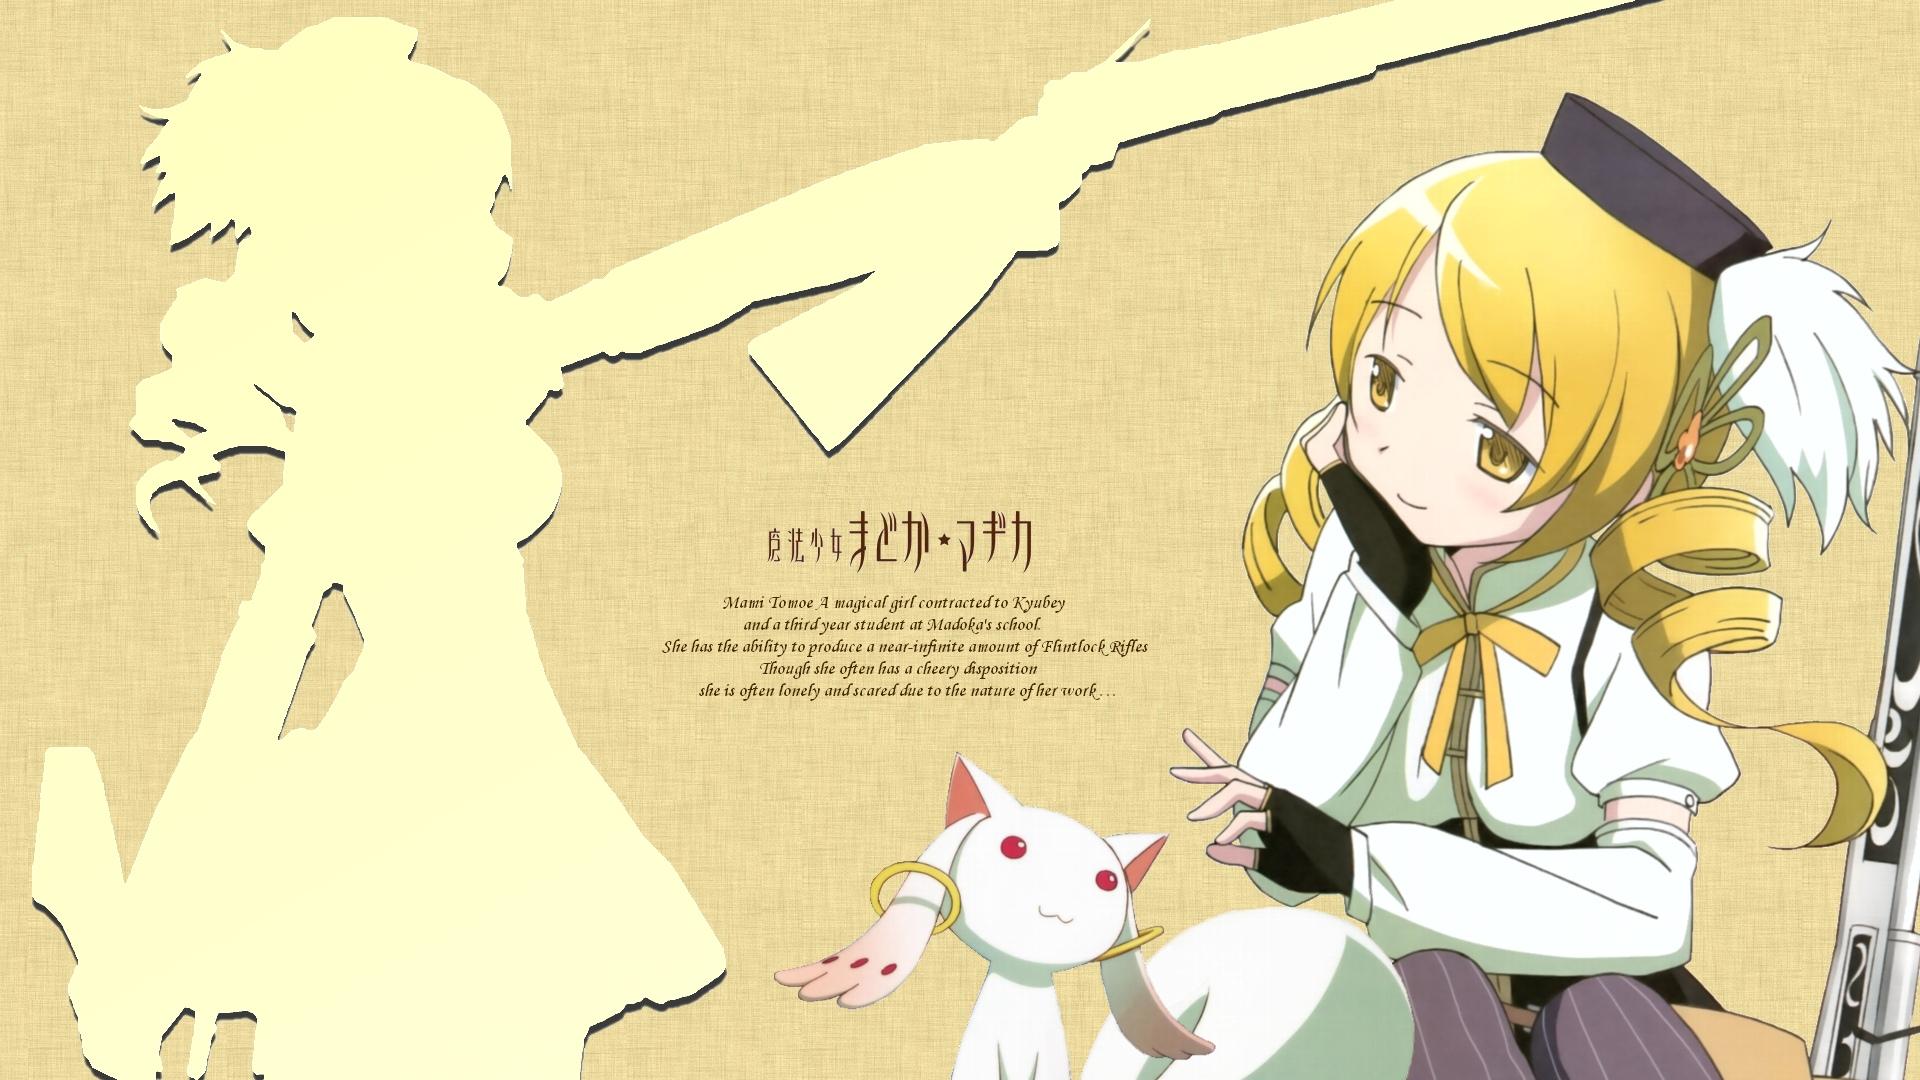 壁紙 19x1080 魔法少女まどか マギカ アニメ ダウンロード 写真